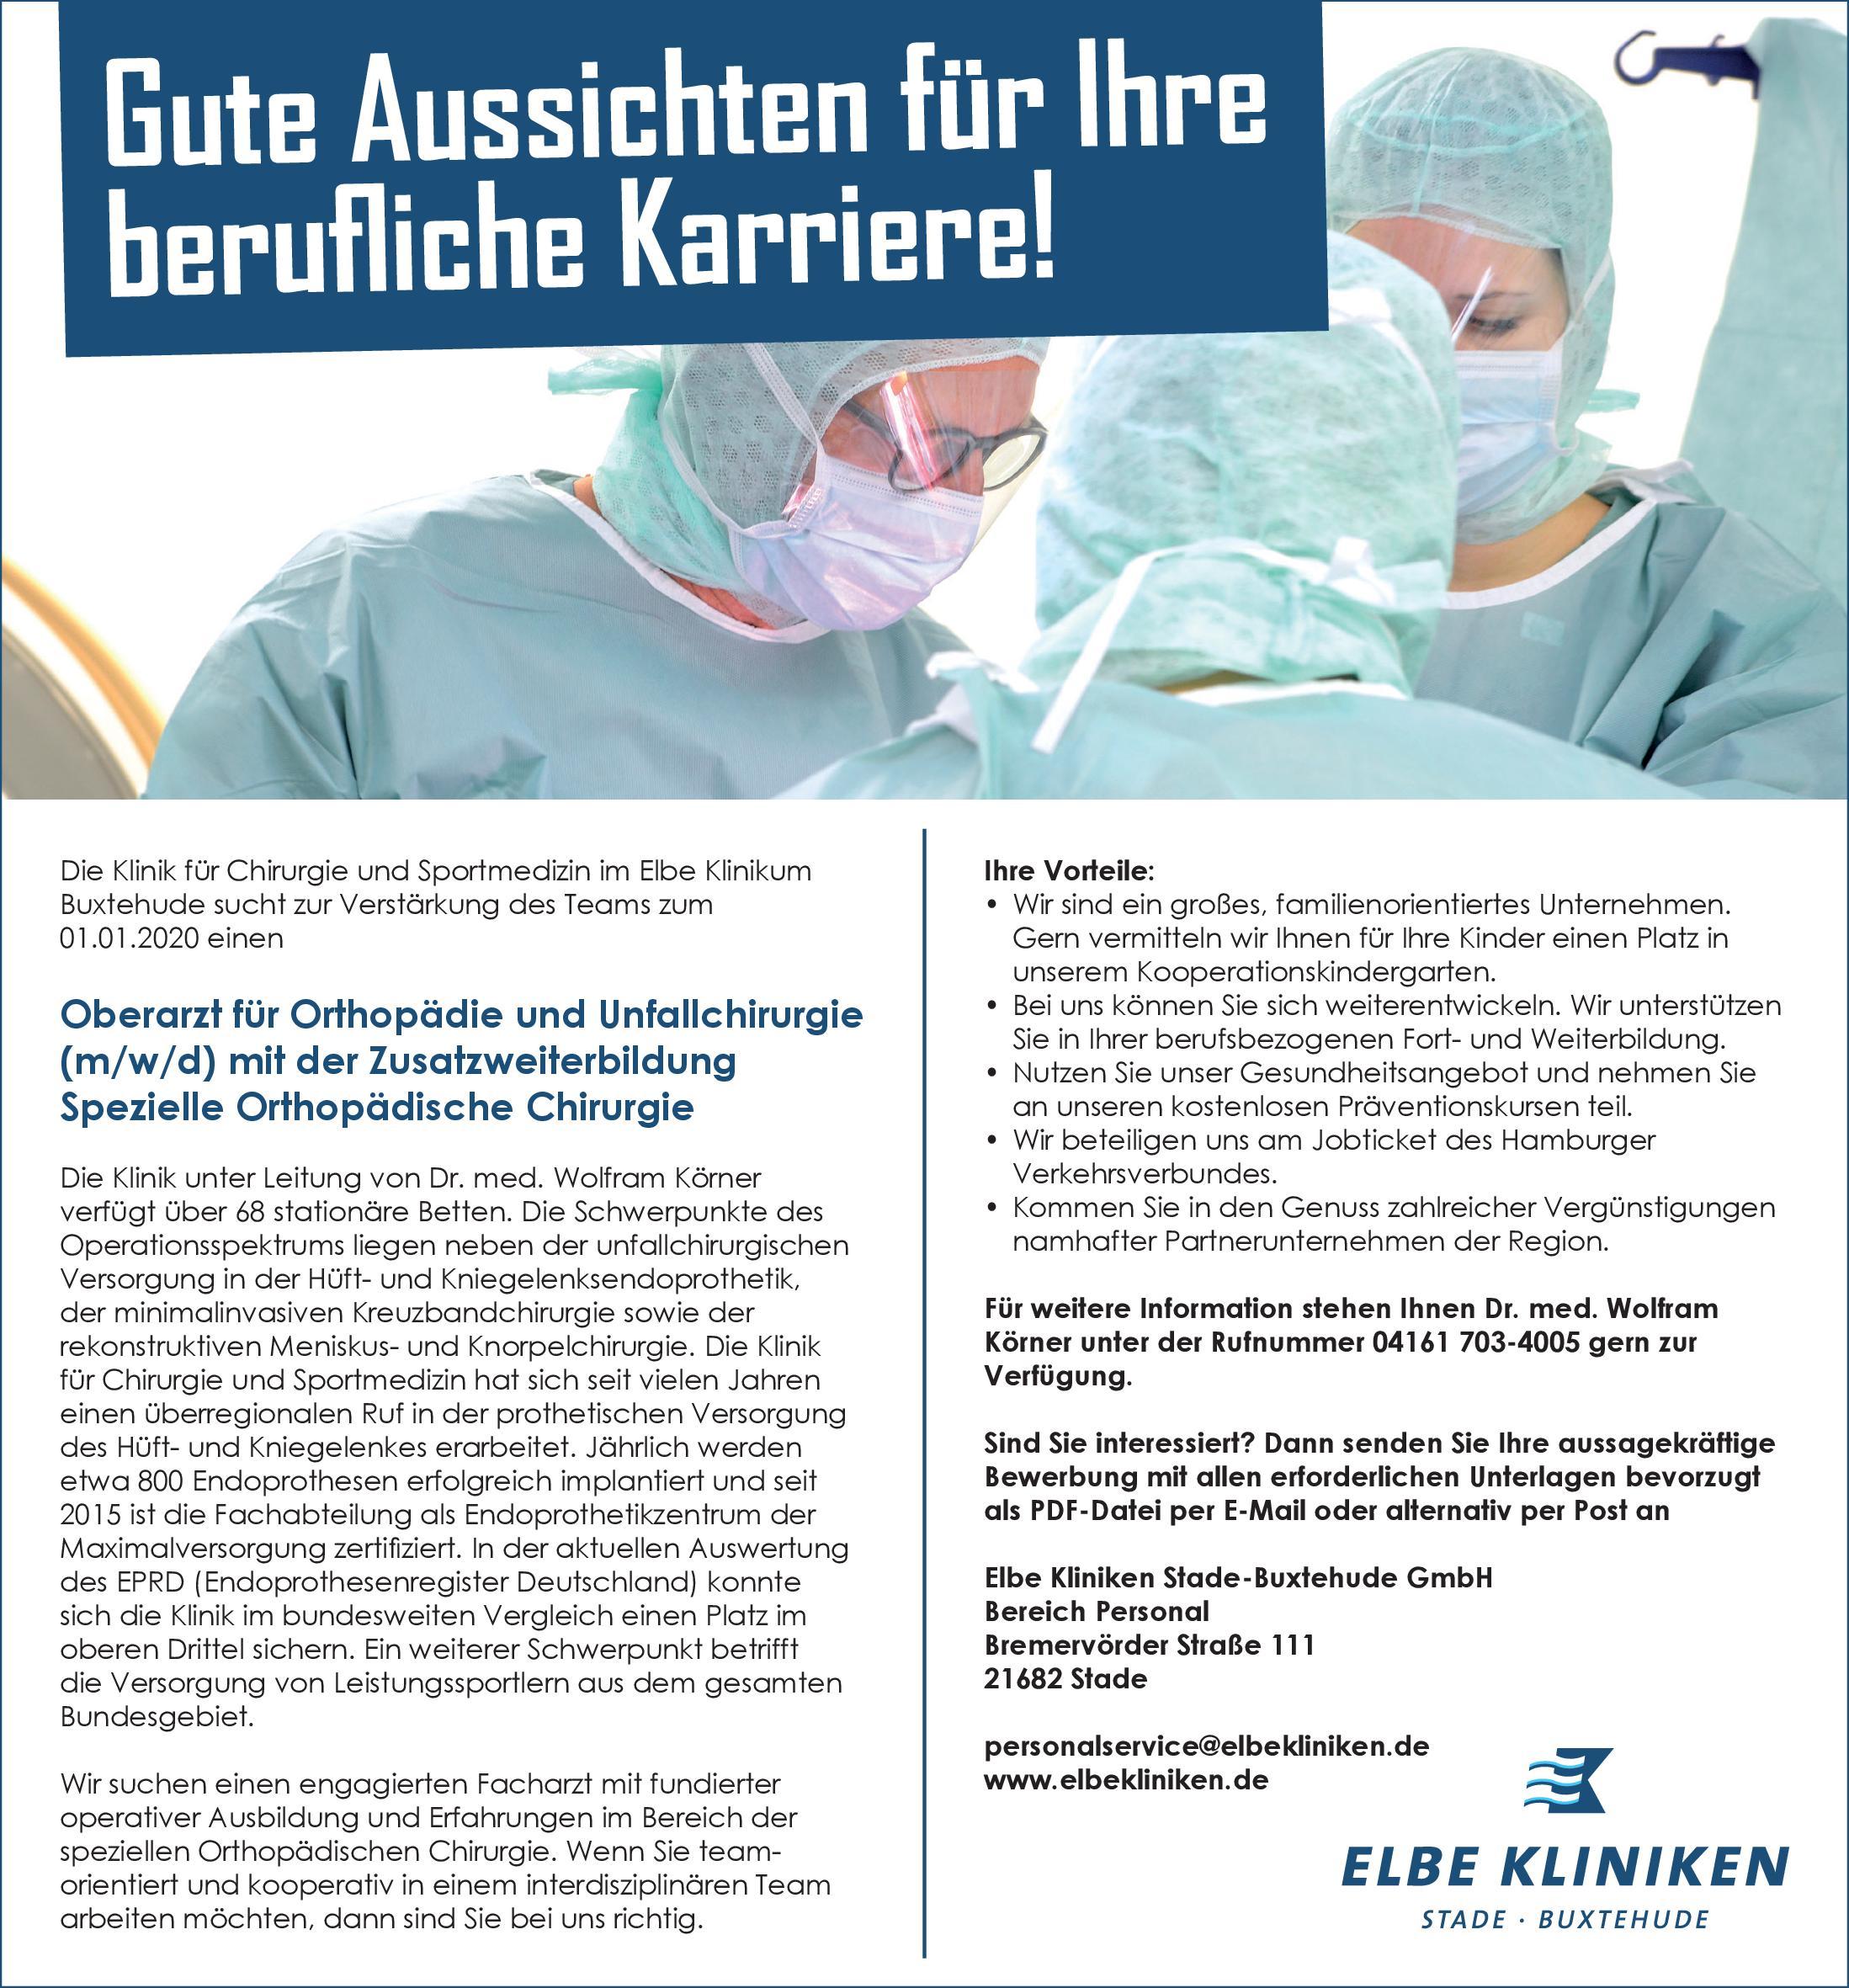 Elbe Kliniken Stade-Buxtehude GmbH Oberarzt für Orthopädie und Unfallchirurgie (m/w/d) mit der Zusatzweiterbildung Spezielle Orthopädische Chirurgie  Orthopädie und Unfallchirurgie, Chirurgie Oberarzt